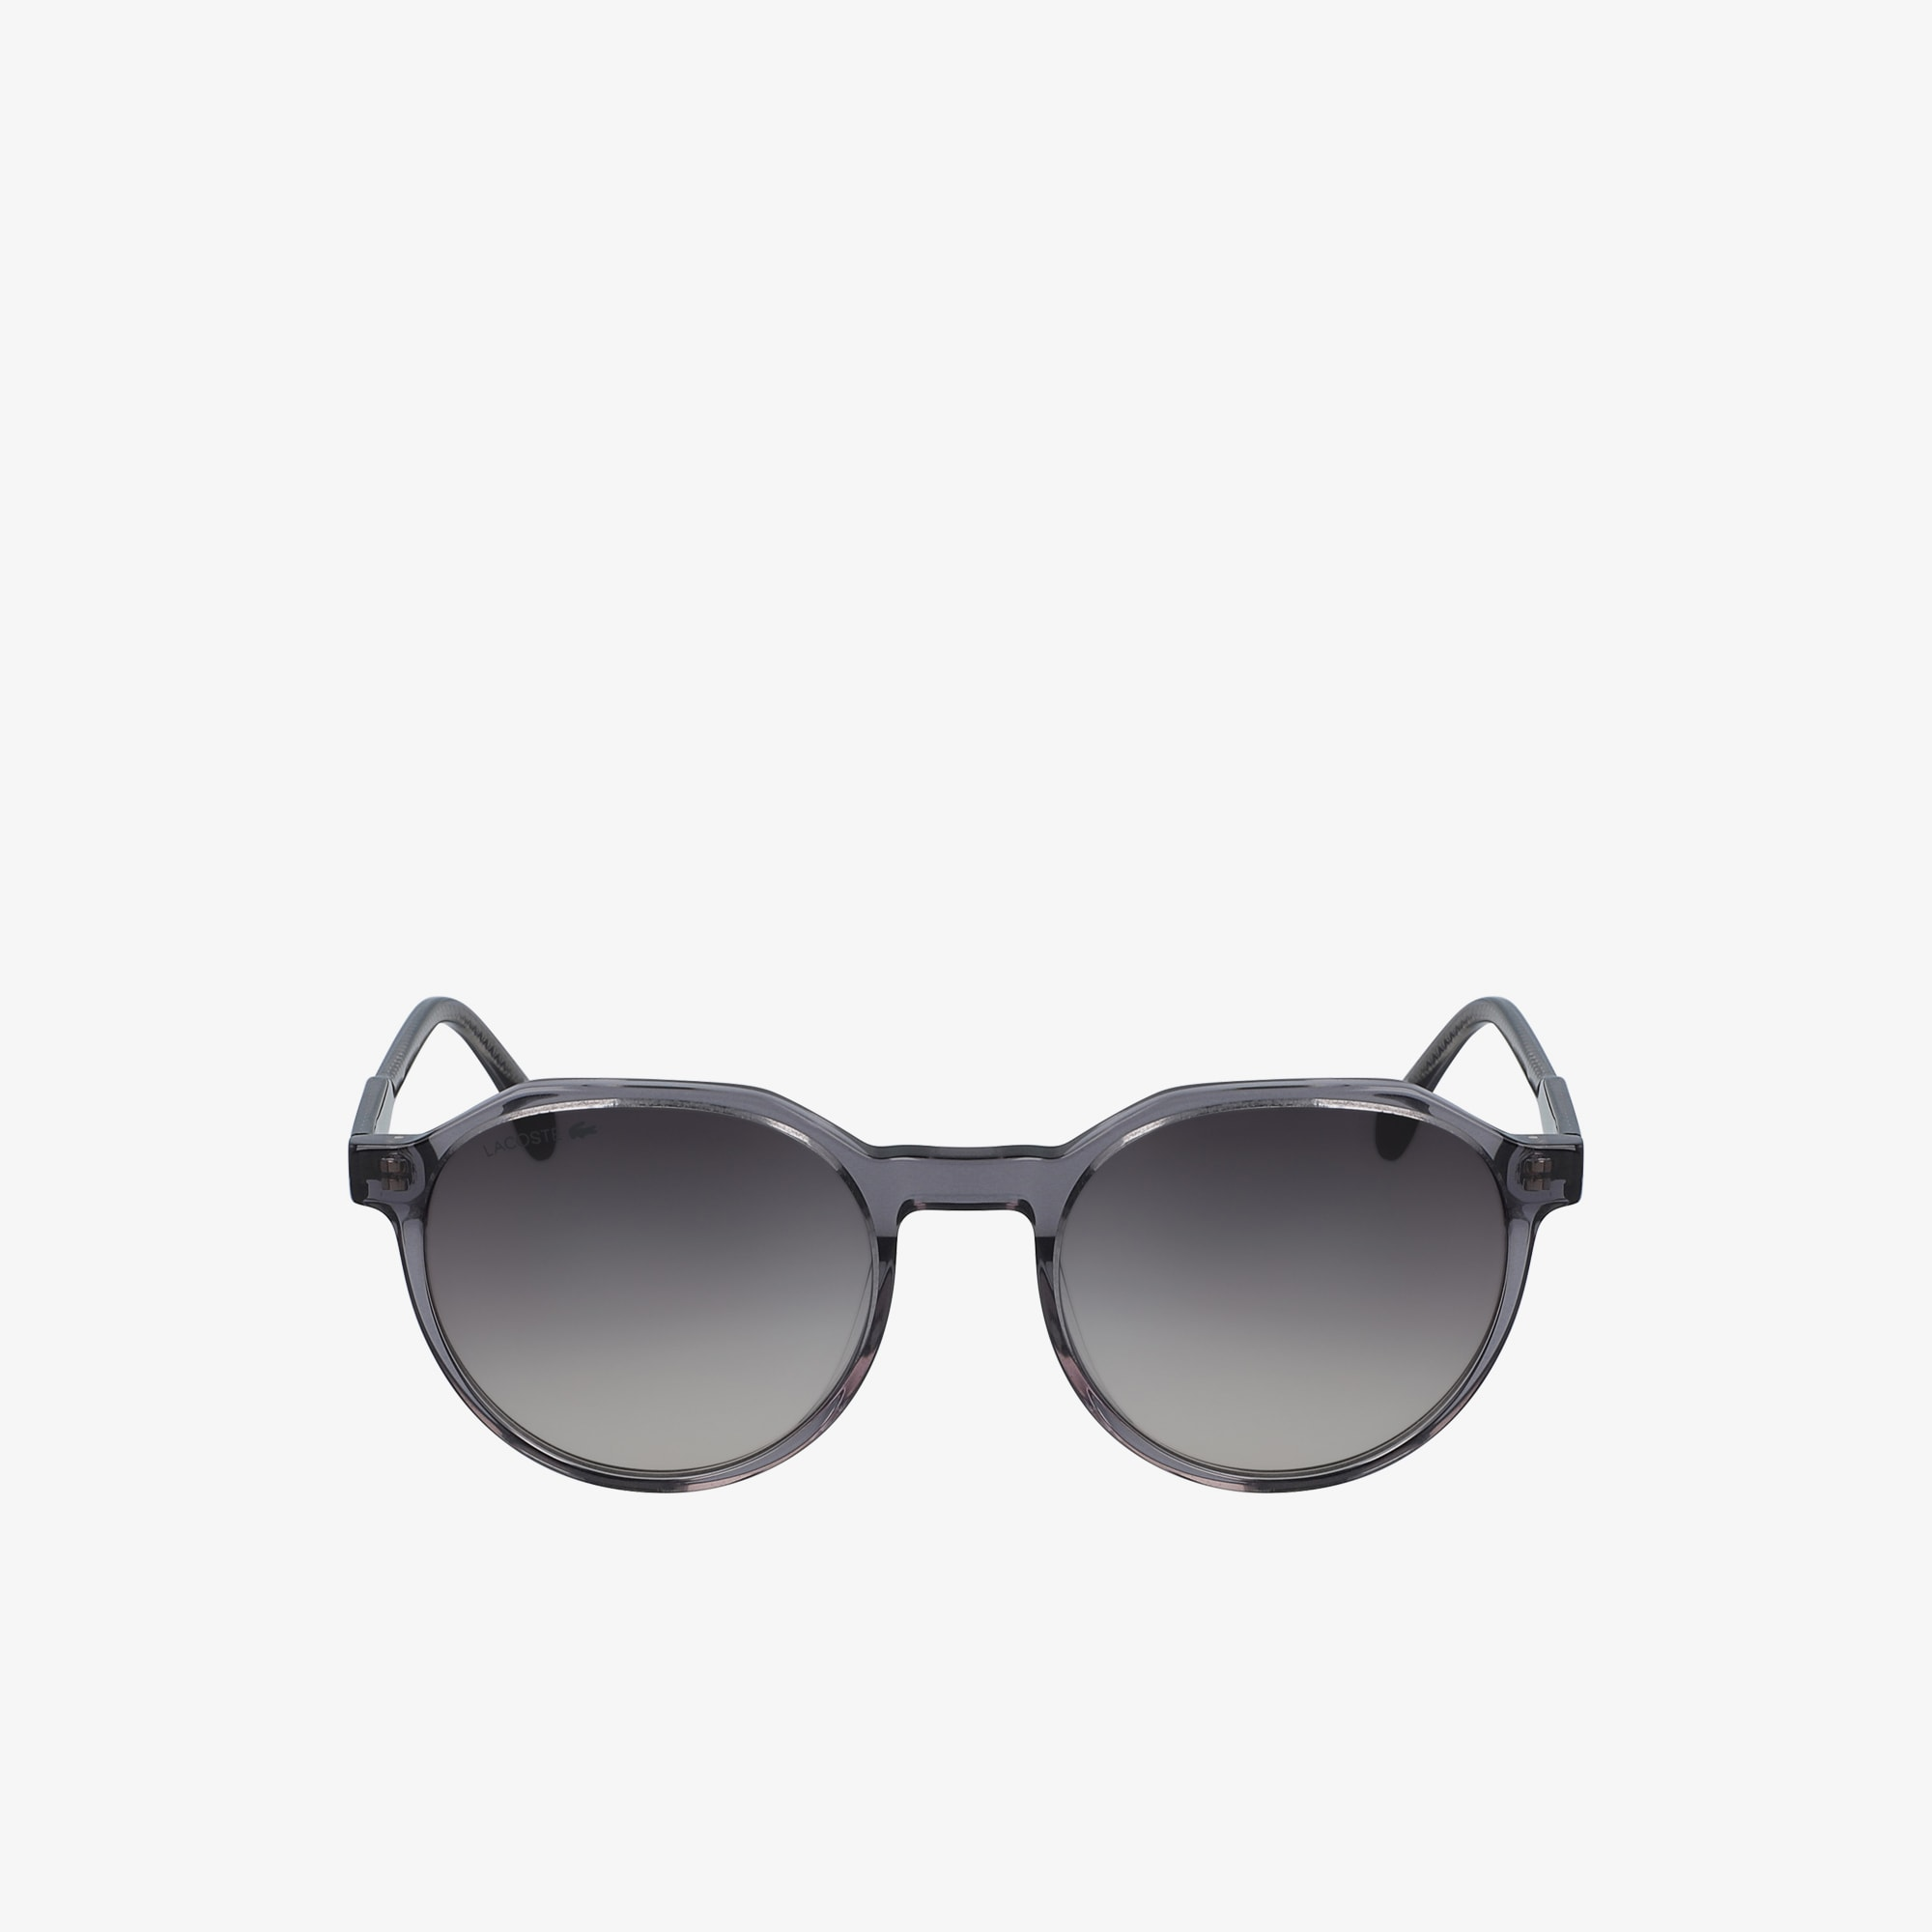 Ovale Acetat-Sonnenbrille PETIT PIQUÉ